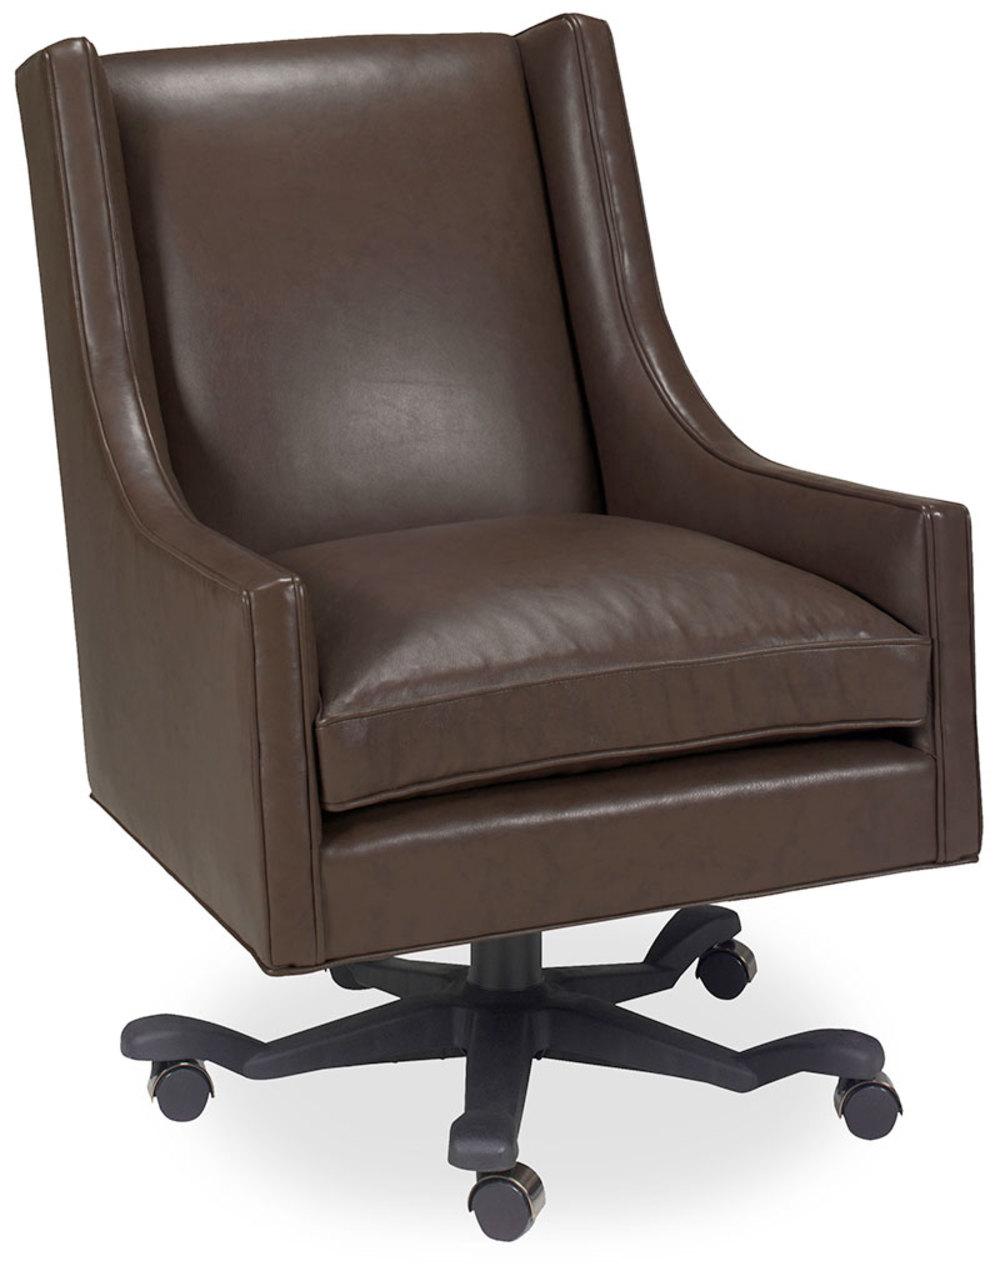 Parker Southern - Dexter Tilt Swivel Chair